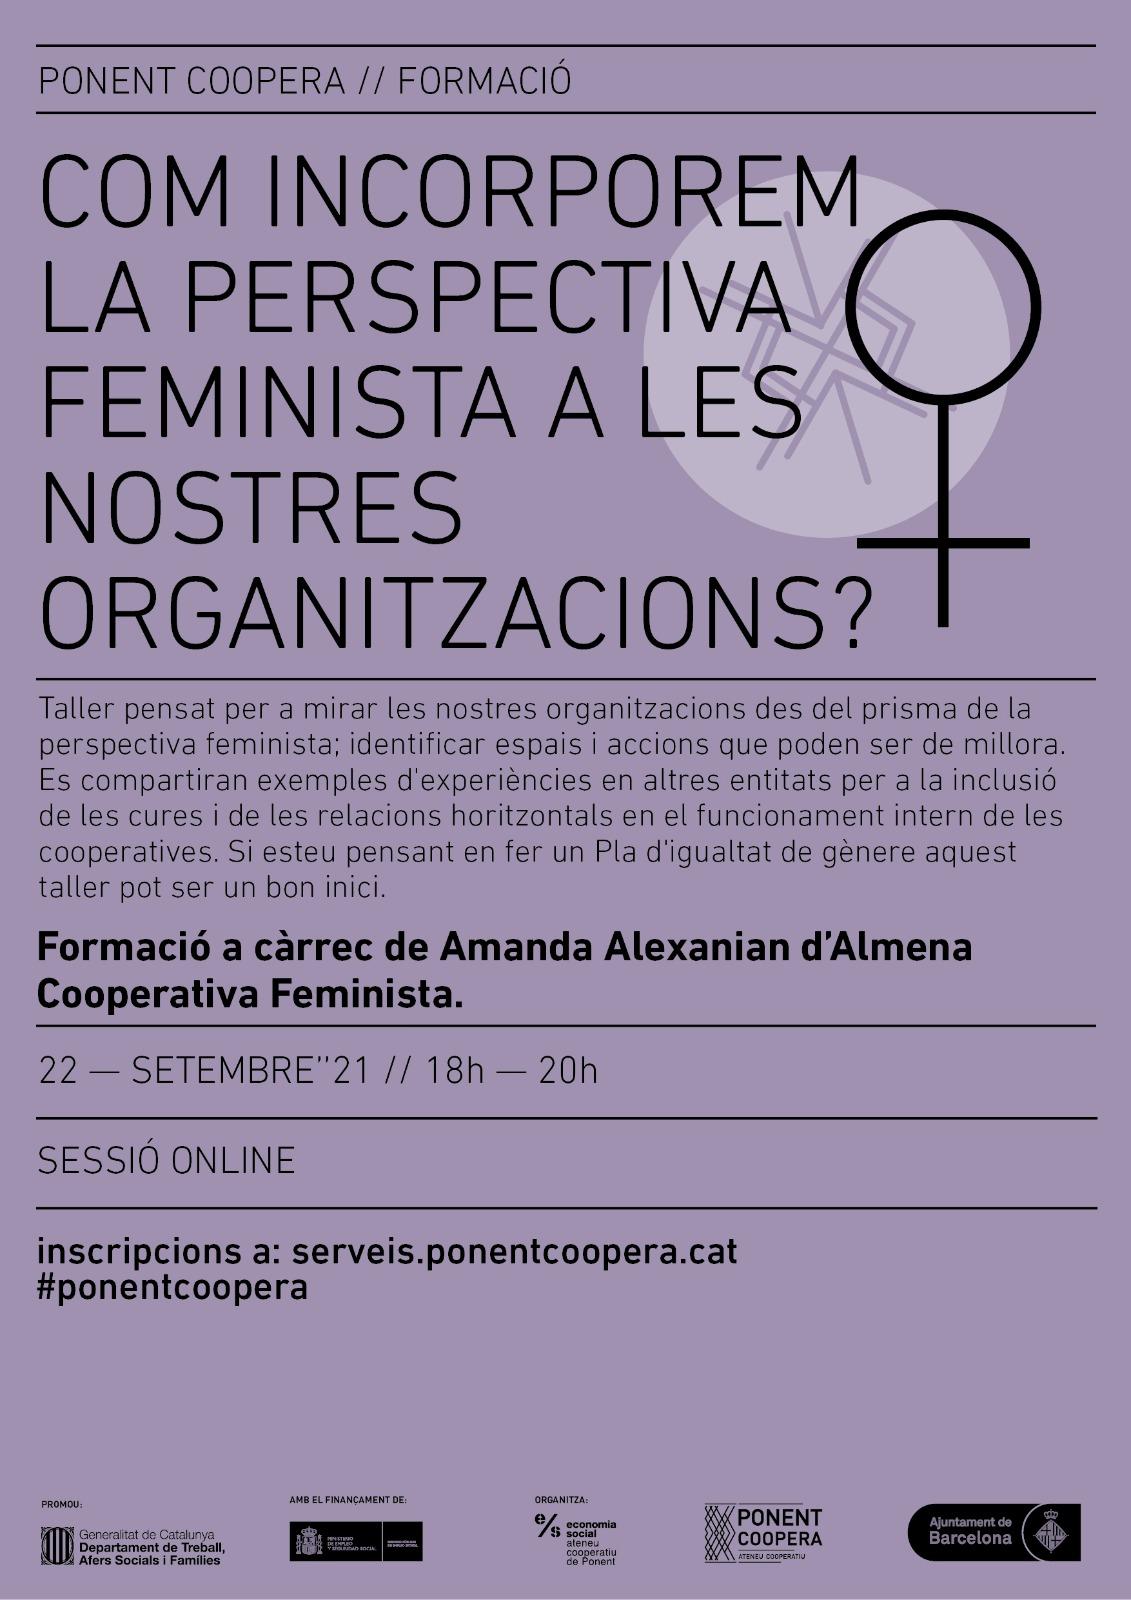 Com incorporem la perspectiva feminista a les nostres organitzacions?